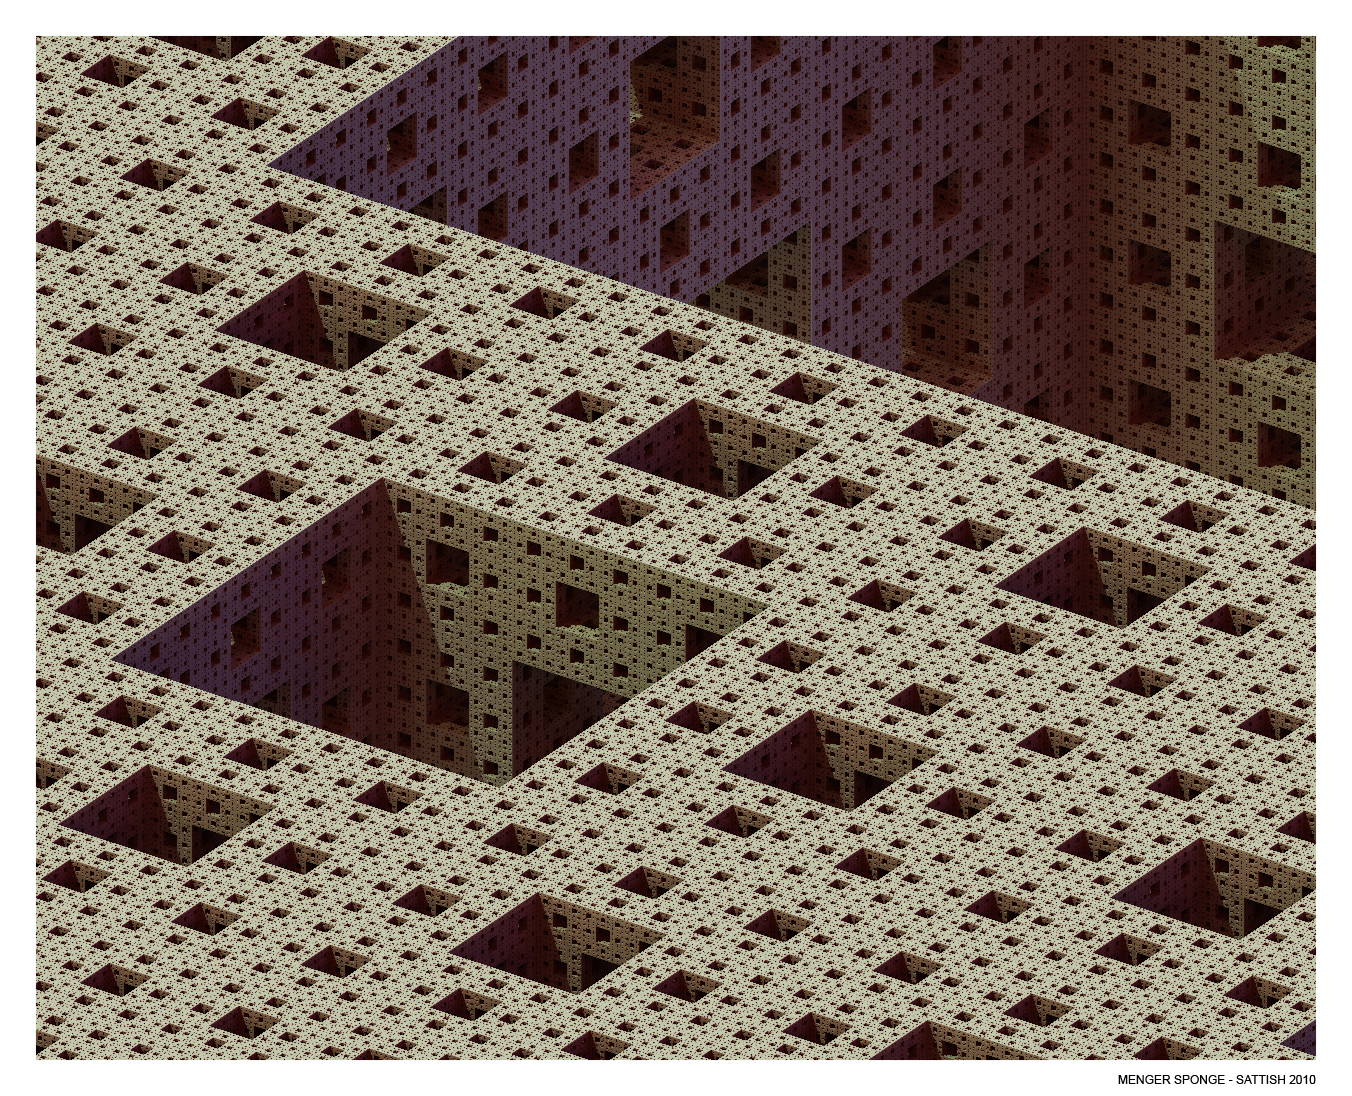 Menger Sponge by SATTISH